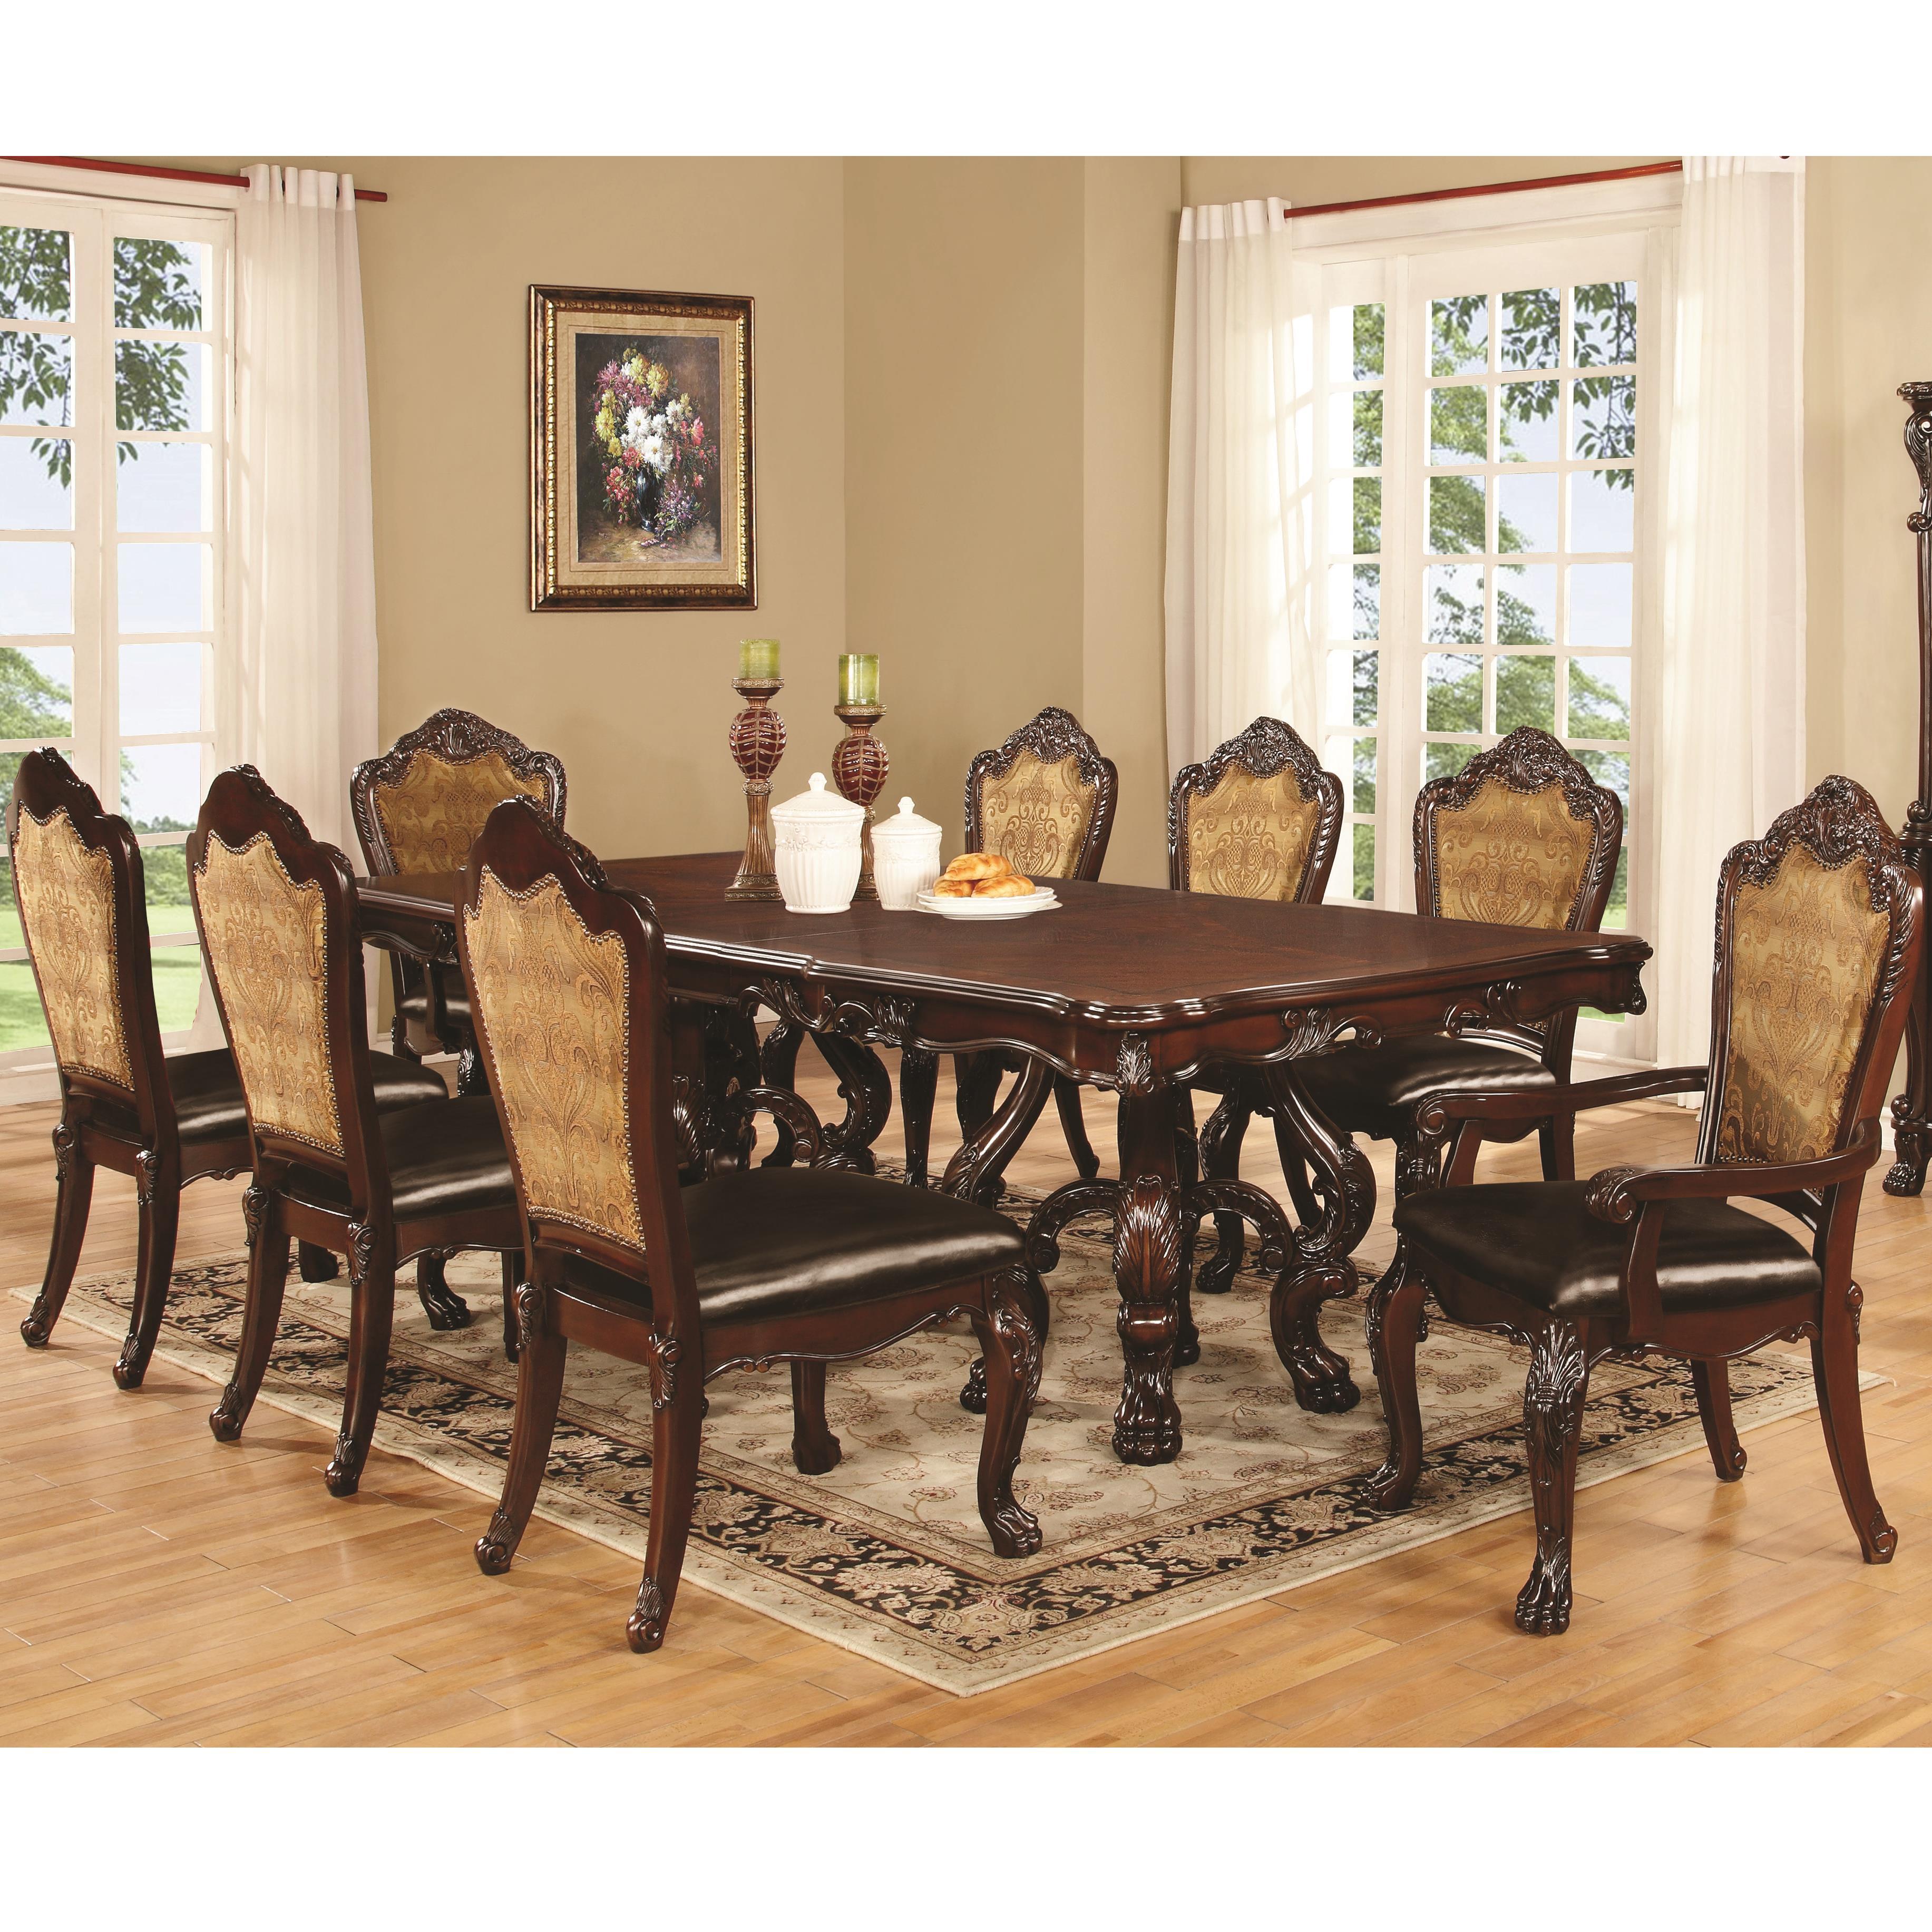 Coaster Benbrook Dining Table - Item Number: 105511+2x105513+6x105512